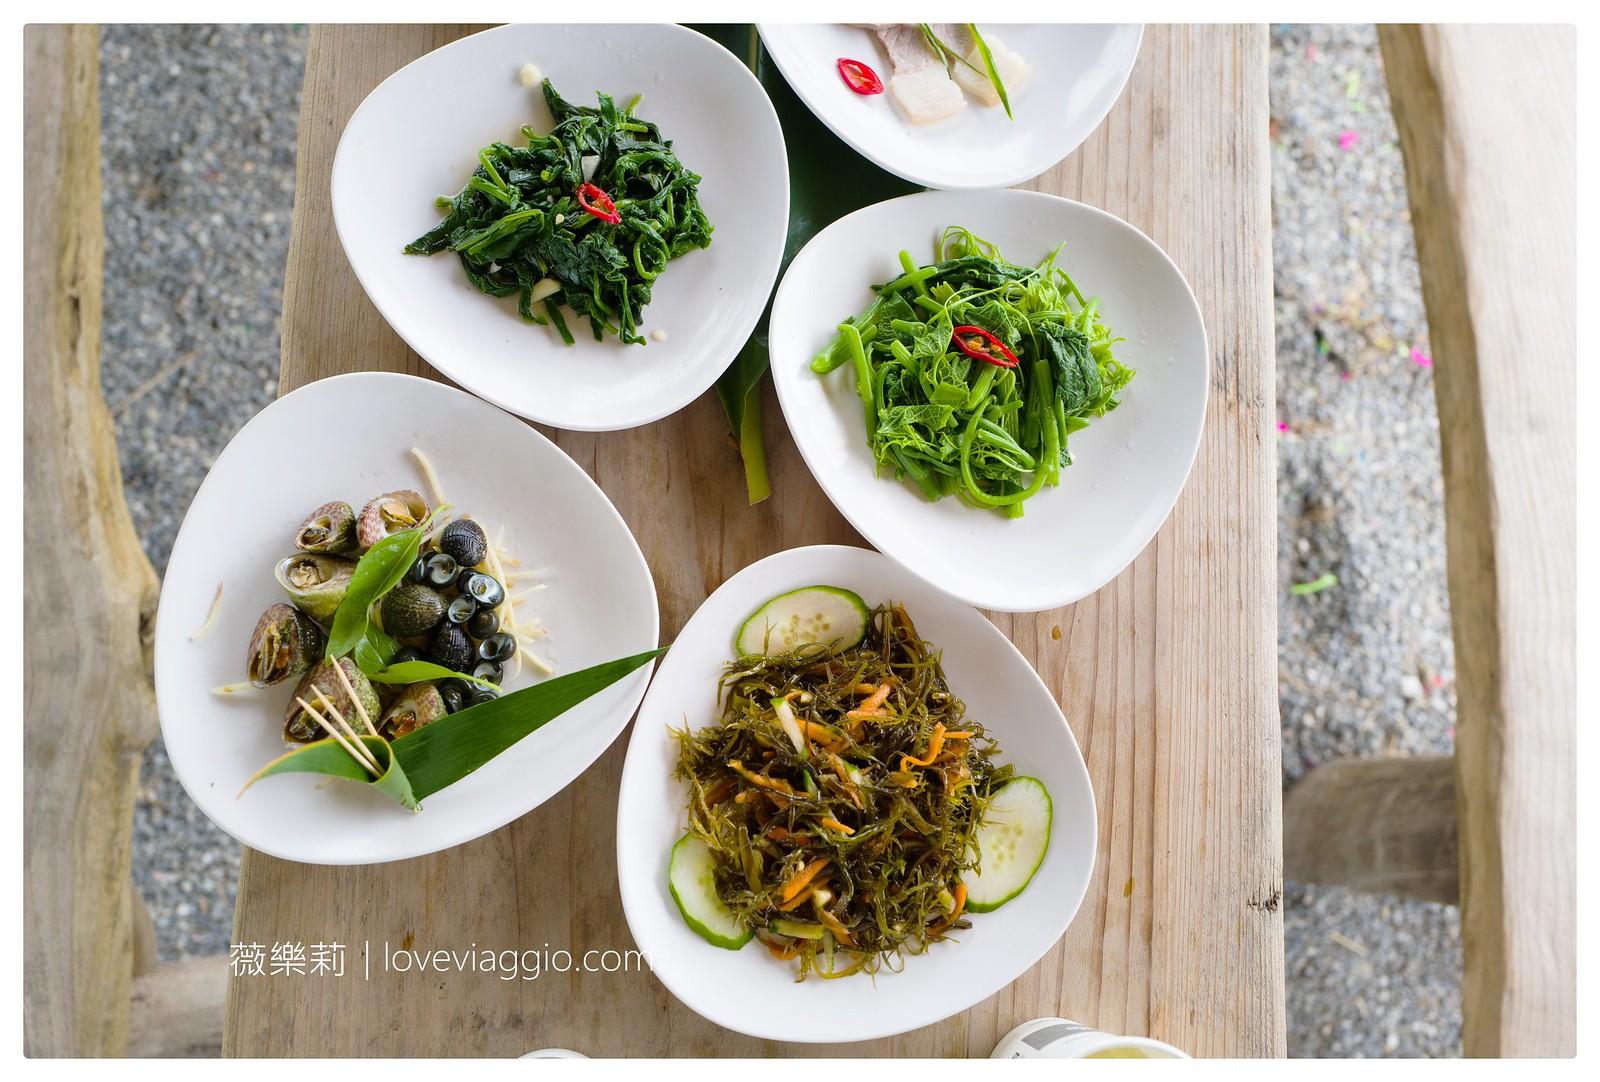 【台東 Taitung】達麓岸部落屋原住民風味餐 夏日東海岸的美食之旅 @薇樂莉 Love Viaggio | 旅行.生活.攝影